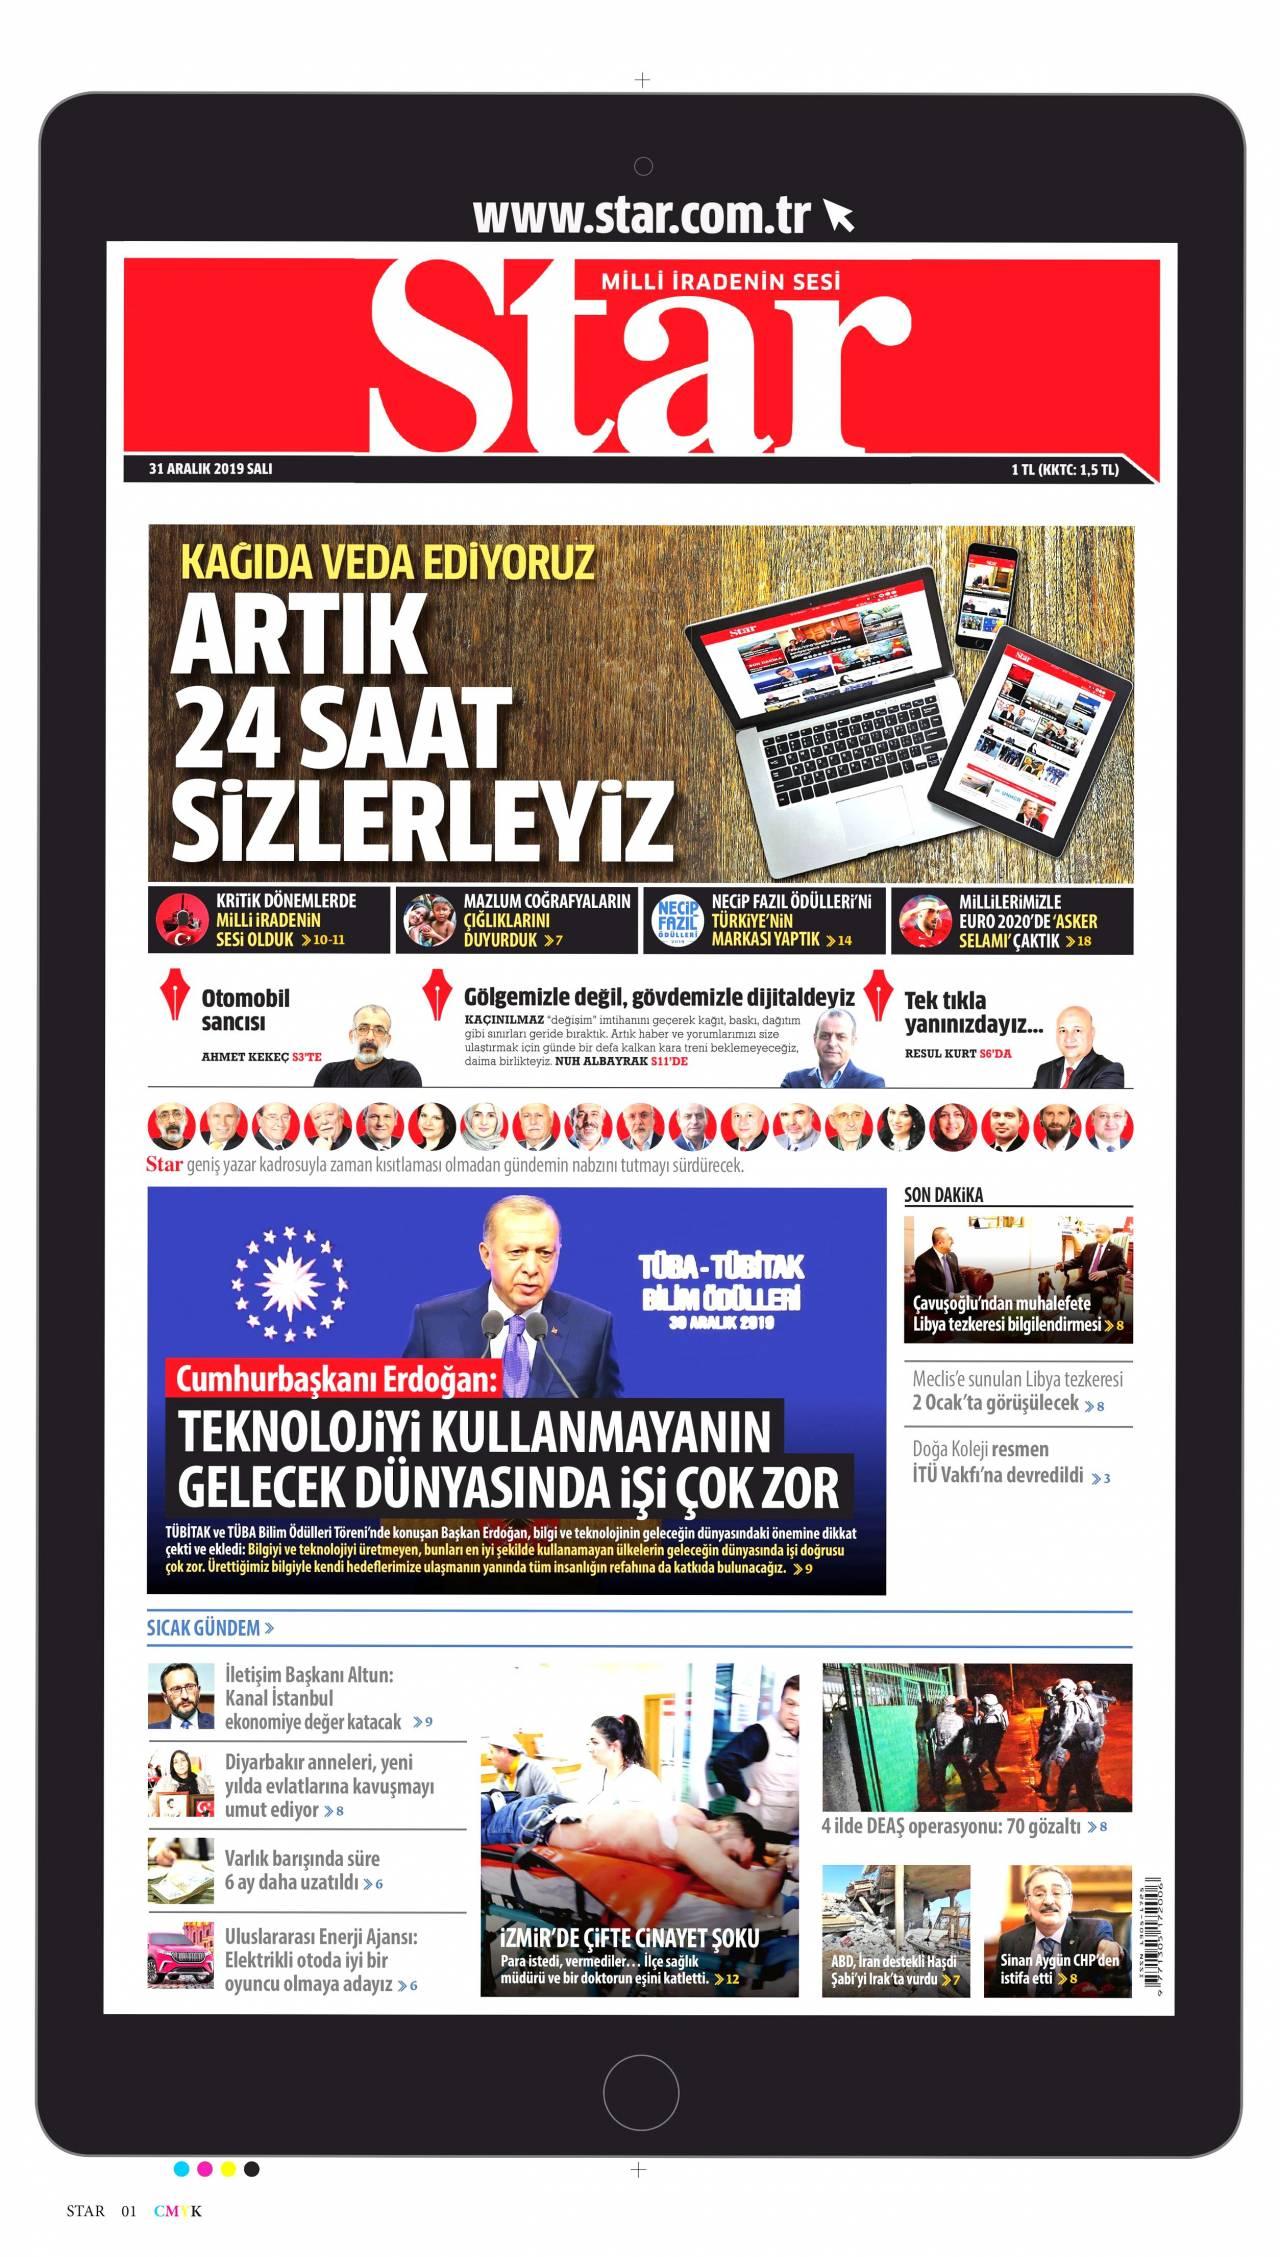 star Gazetesi 1. sayfası